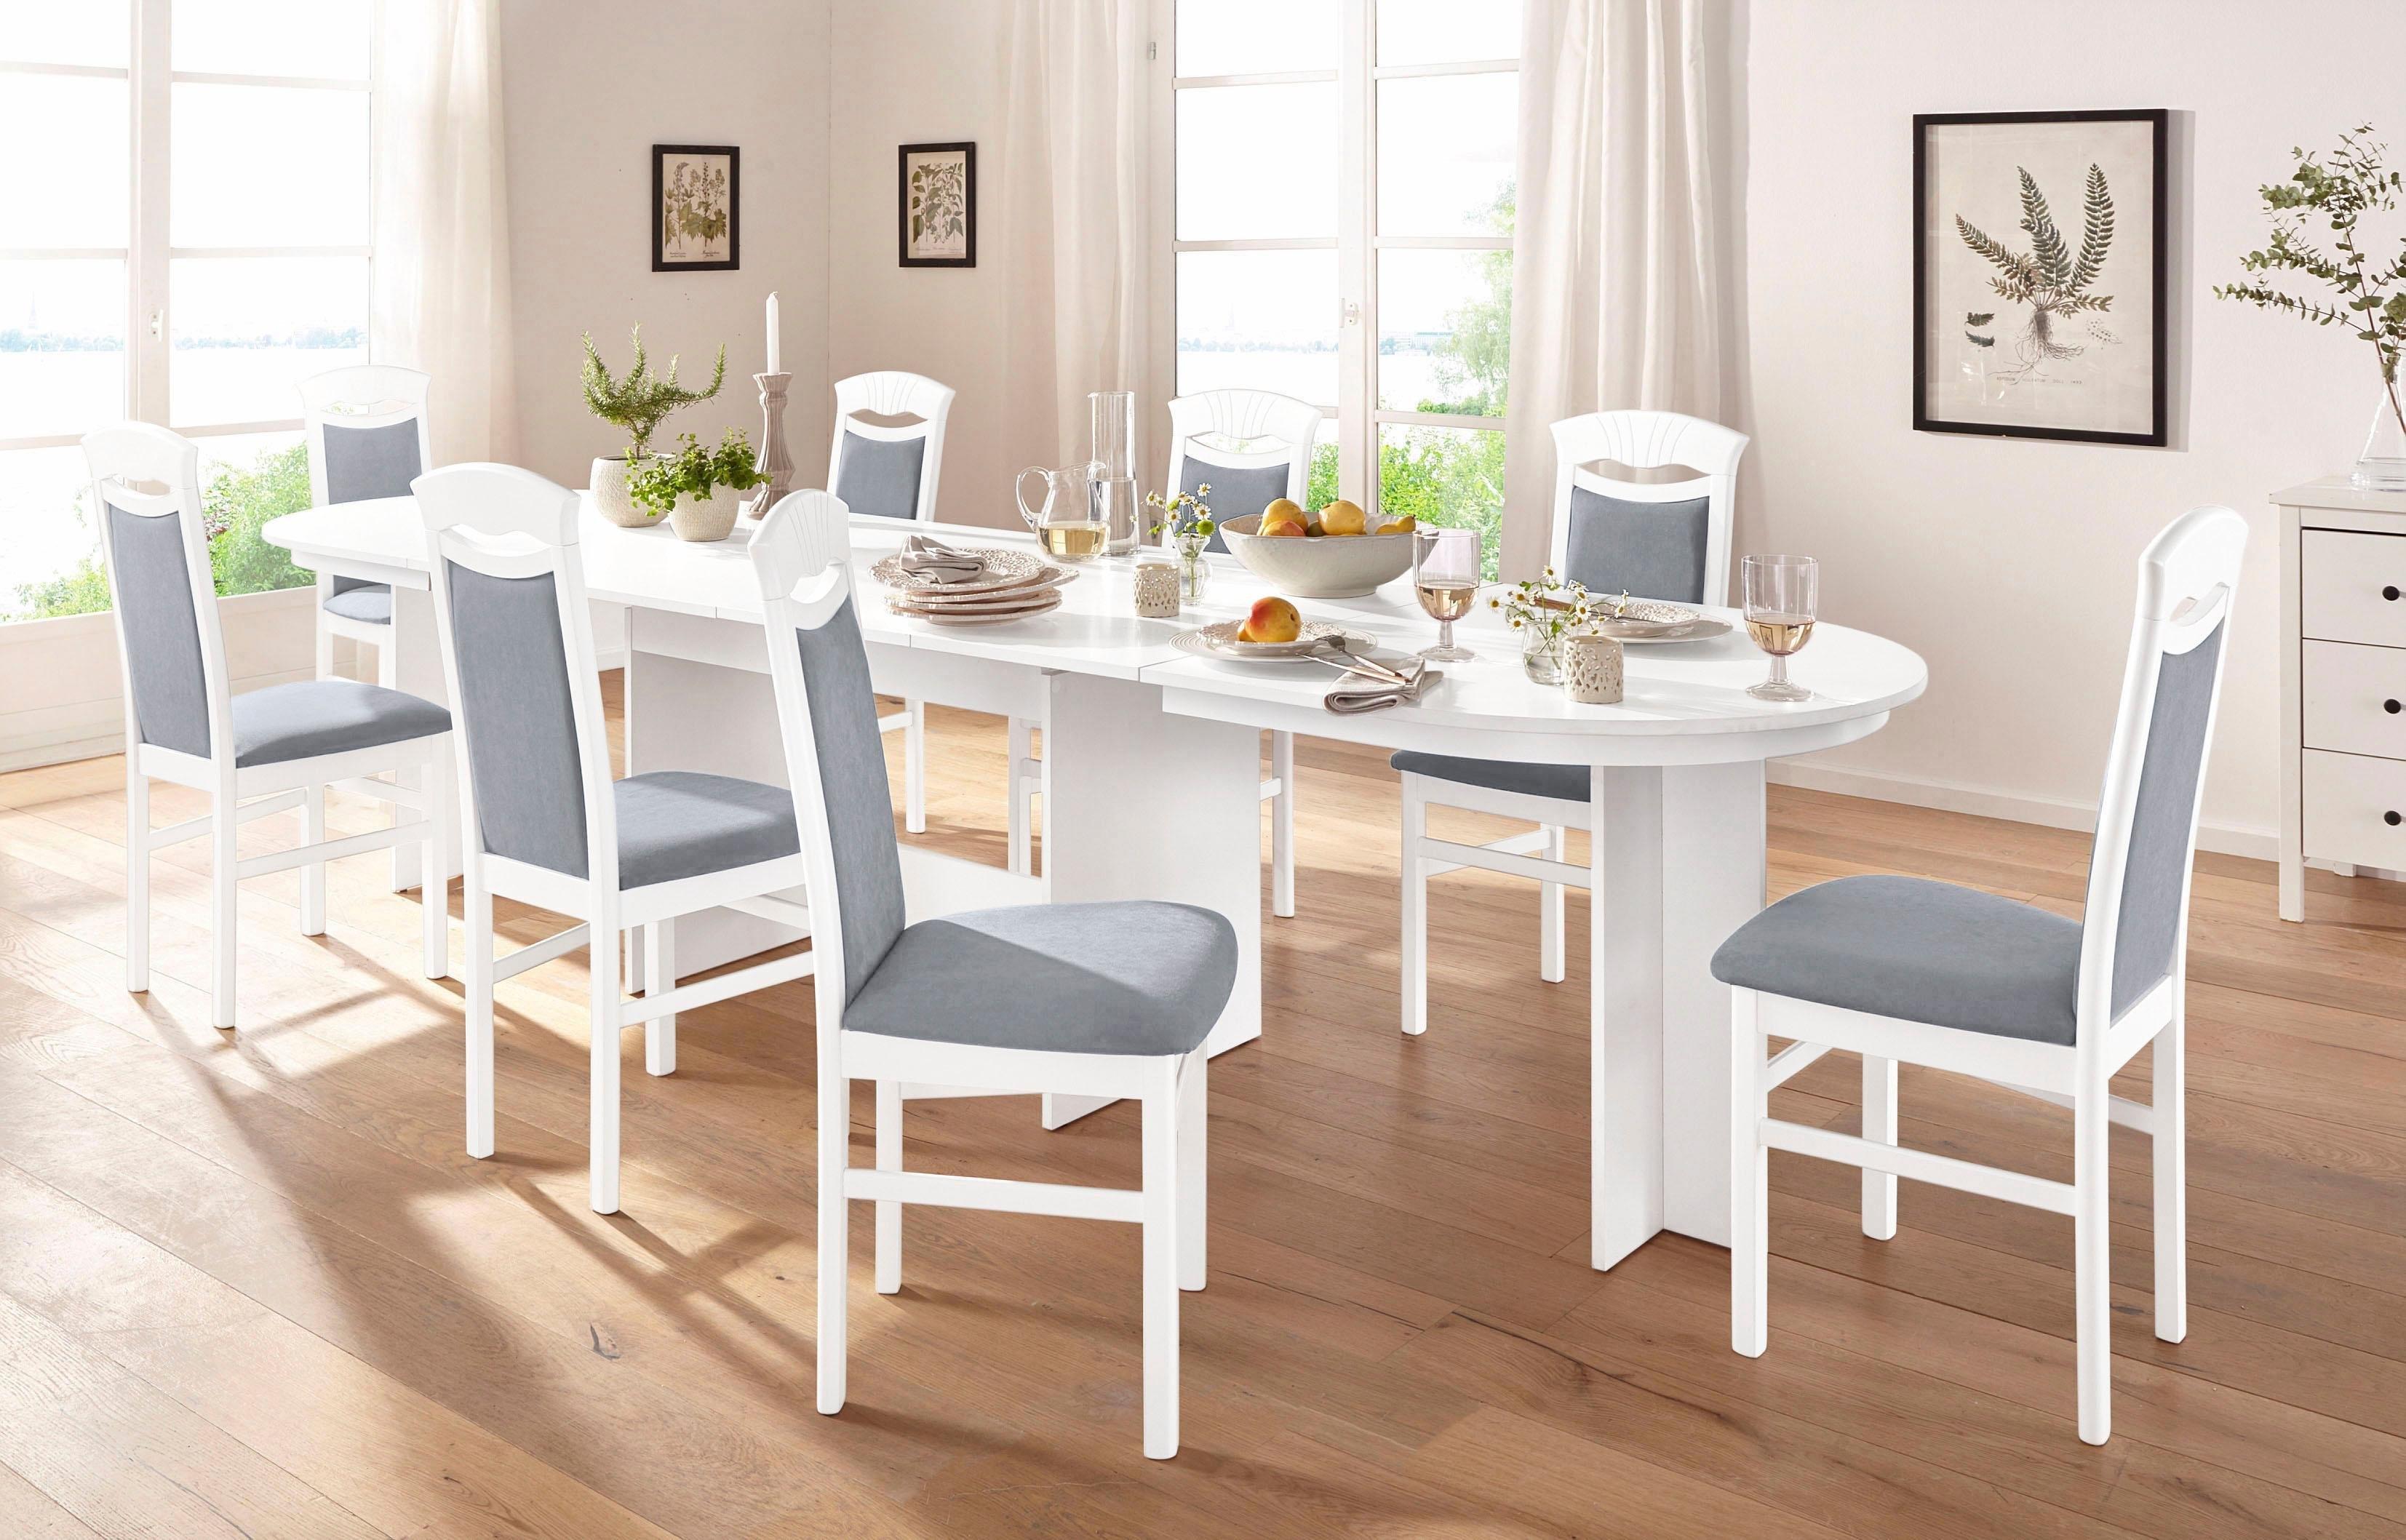 Witte Eetkamer Stoel : Witte eetkamerstoelen online kopen bekijk de collectie otto